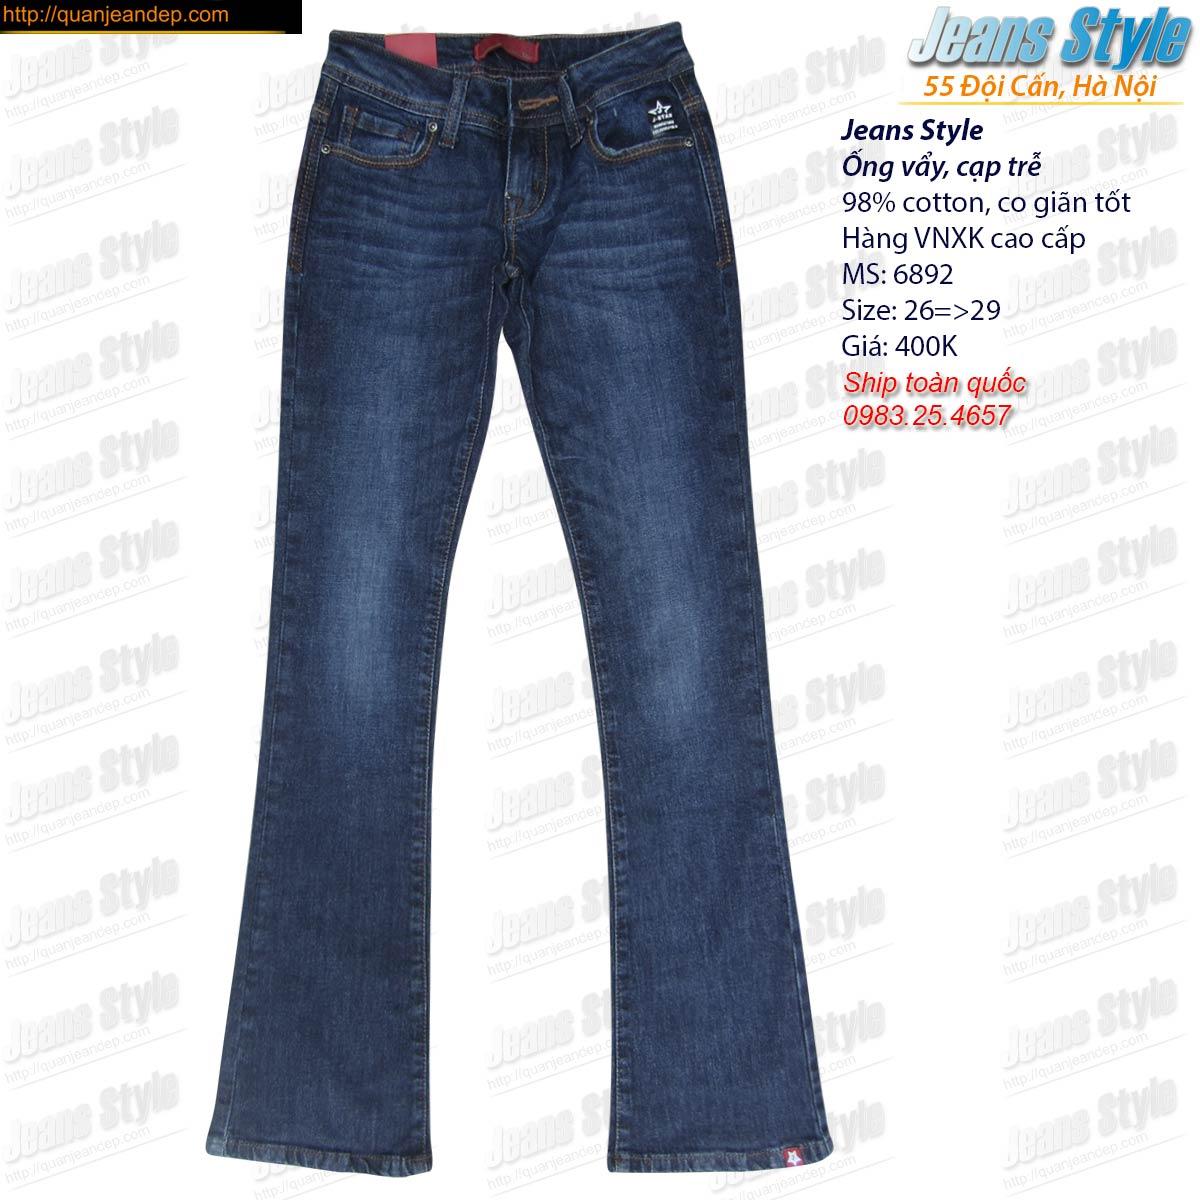 Jean nữ VNXK vẩy nhẹ cạp trễ 6892 Giá:280.000,00 ₫